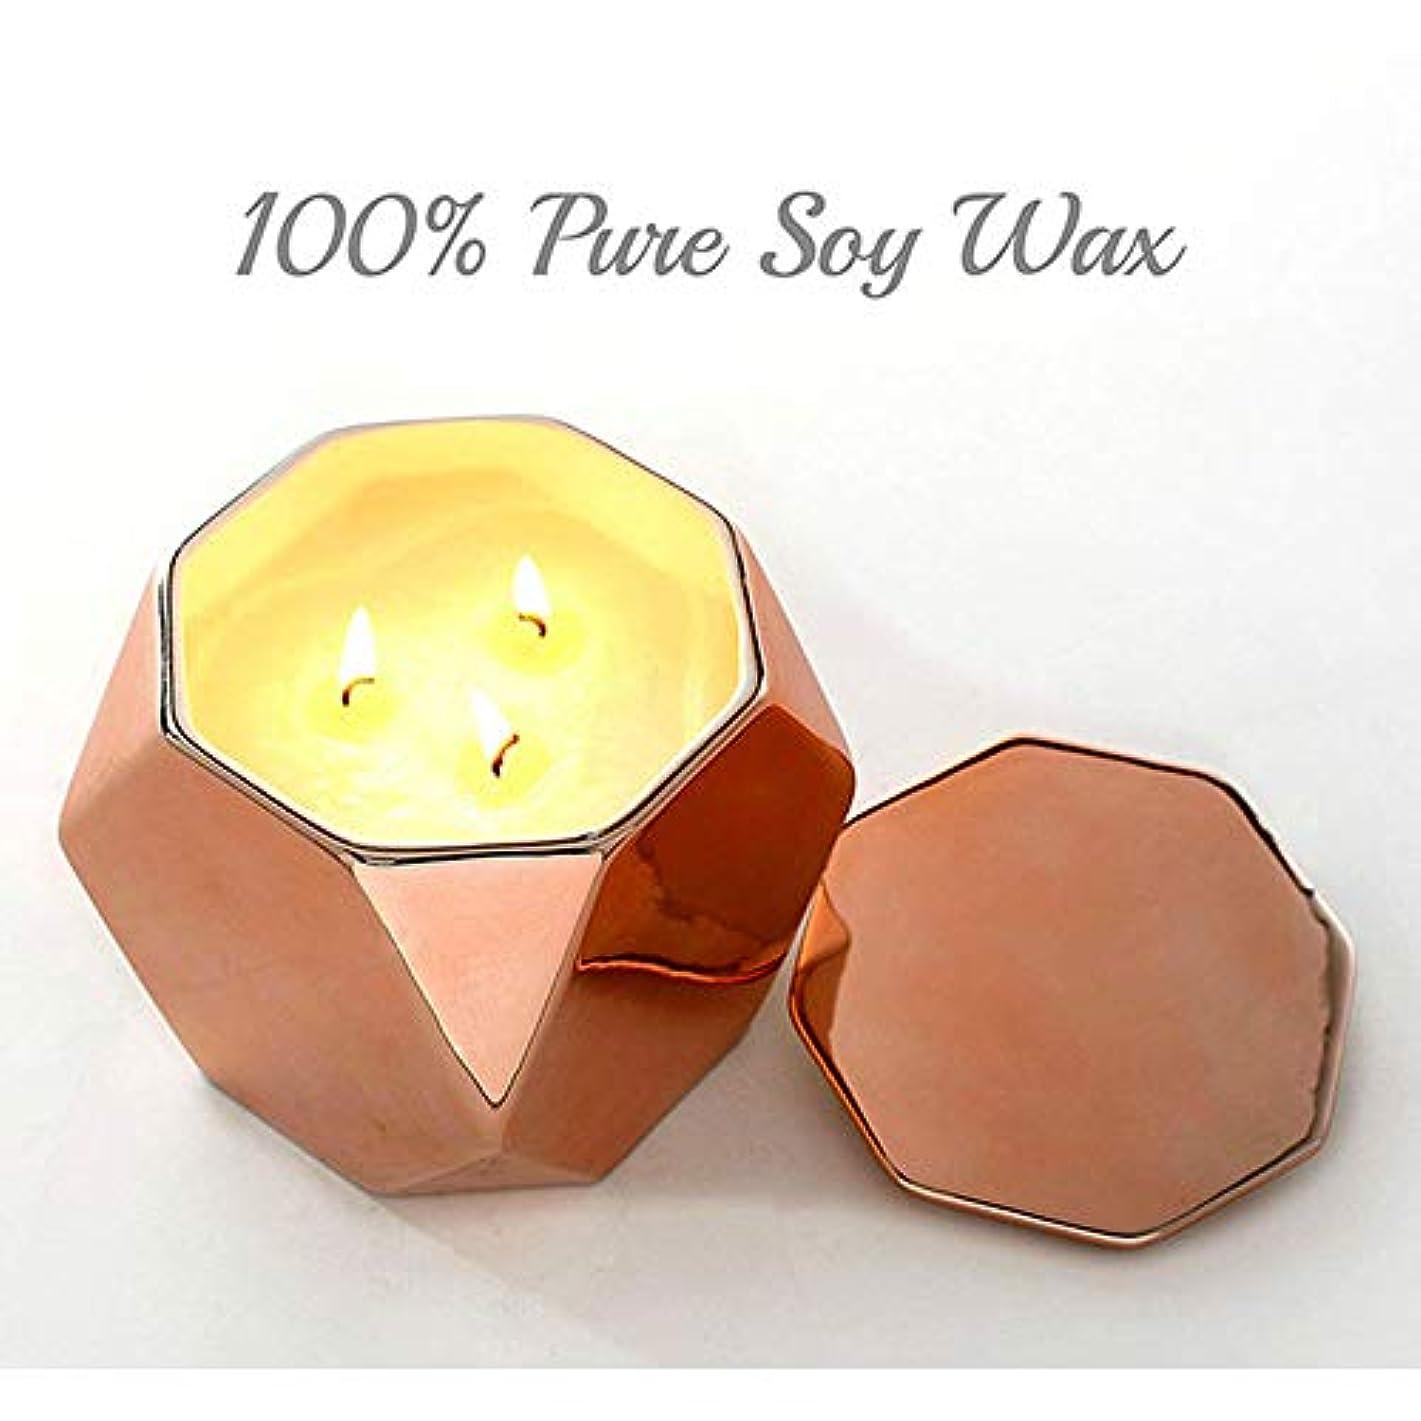 銛サラミ同級生27Oz特大の缶3つの中心の香料入りの蝋燭の環境に優しい植物の精油の大豆のワックスの無煙蝋燭(5箱)